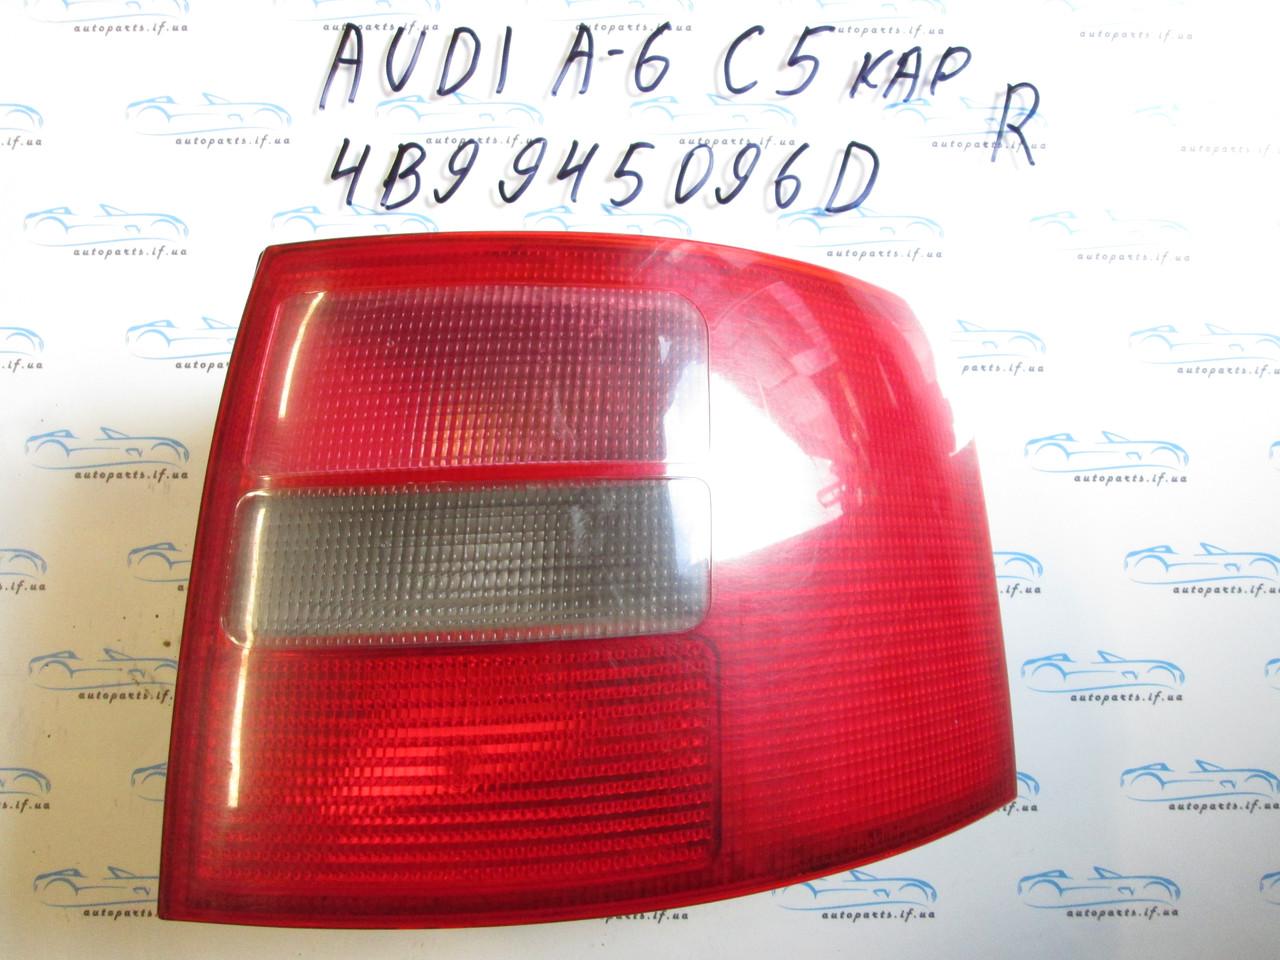 Фонарь задний правый универсал Ауди А6 с5, Audi A6 c5 4B9945096D